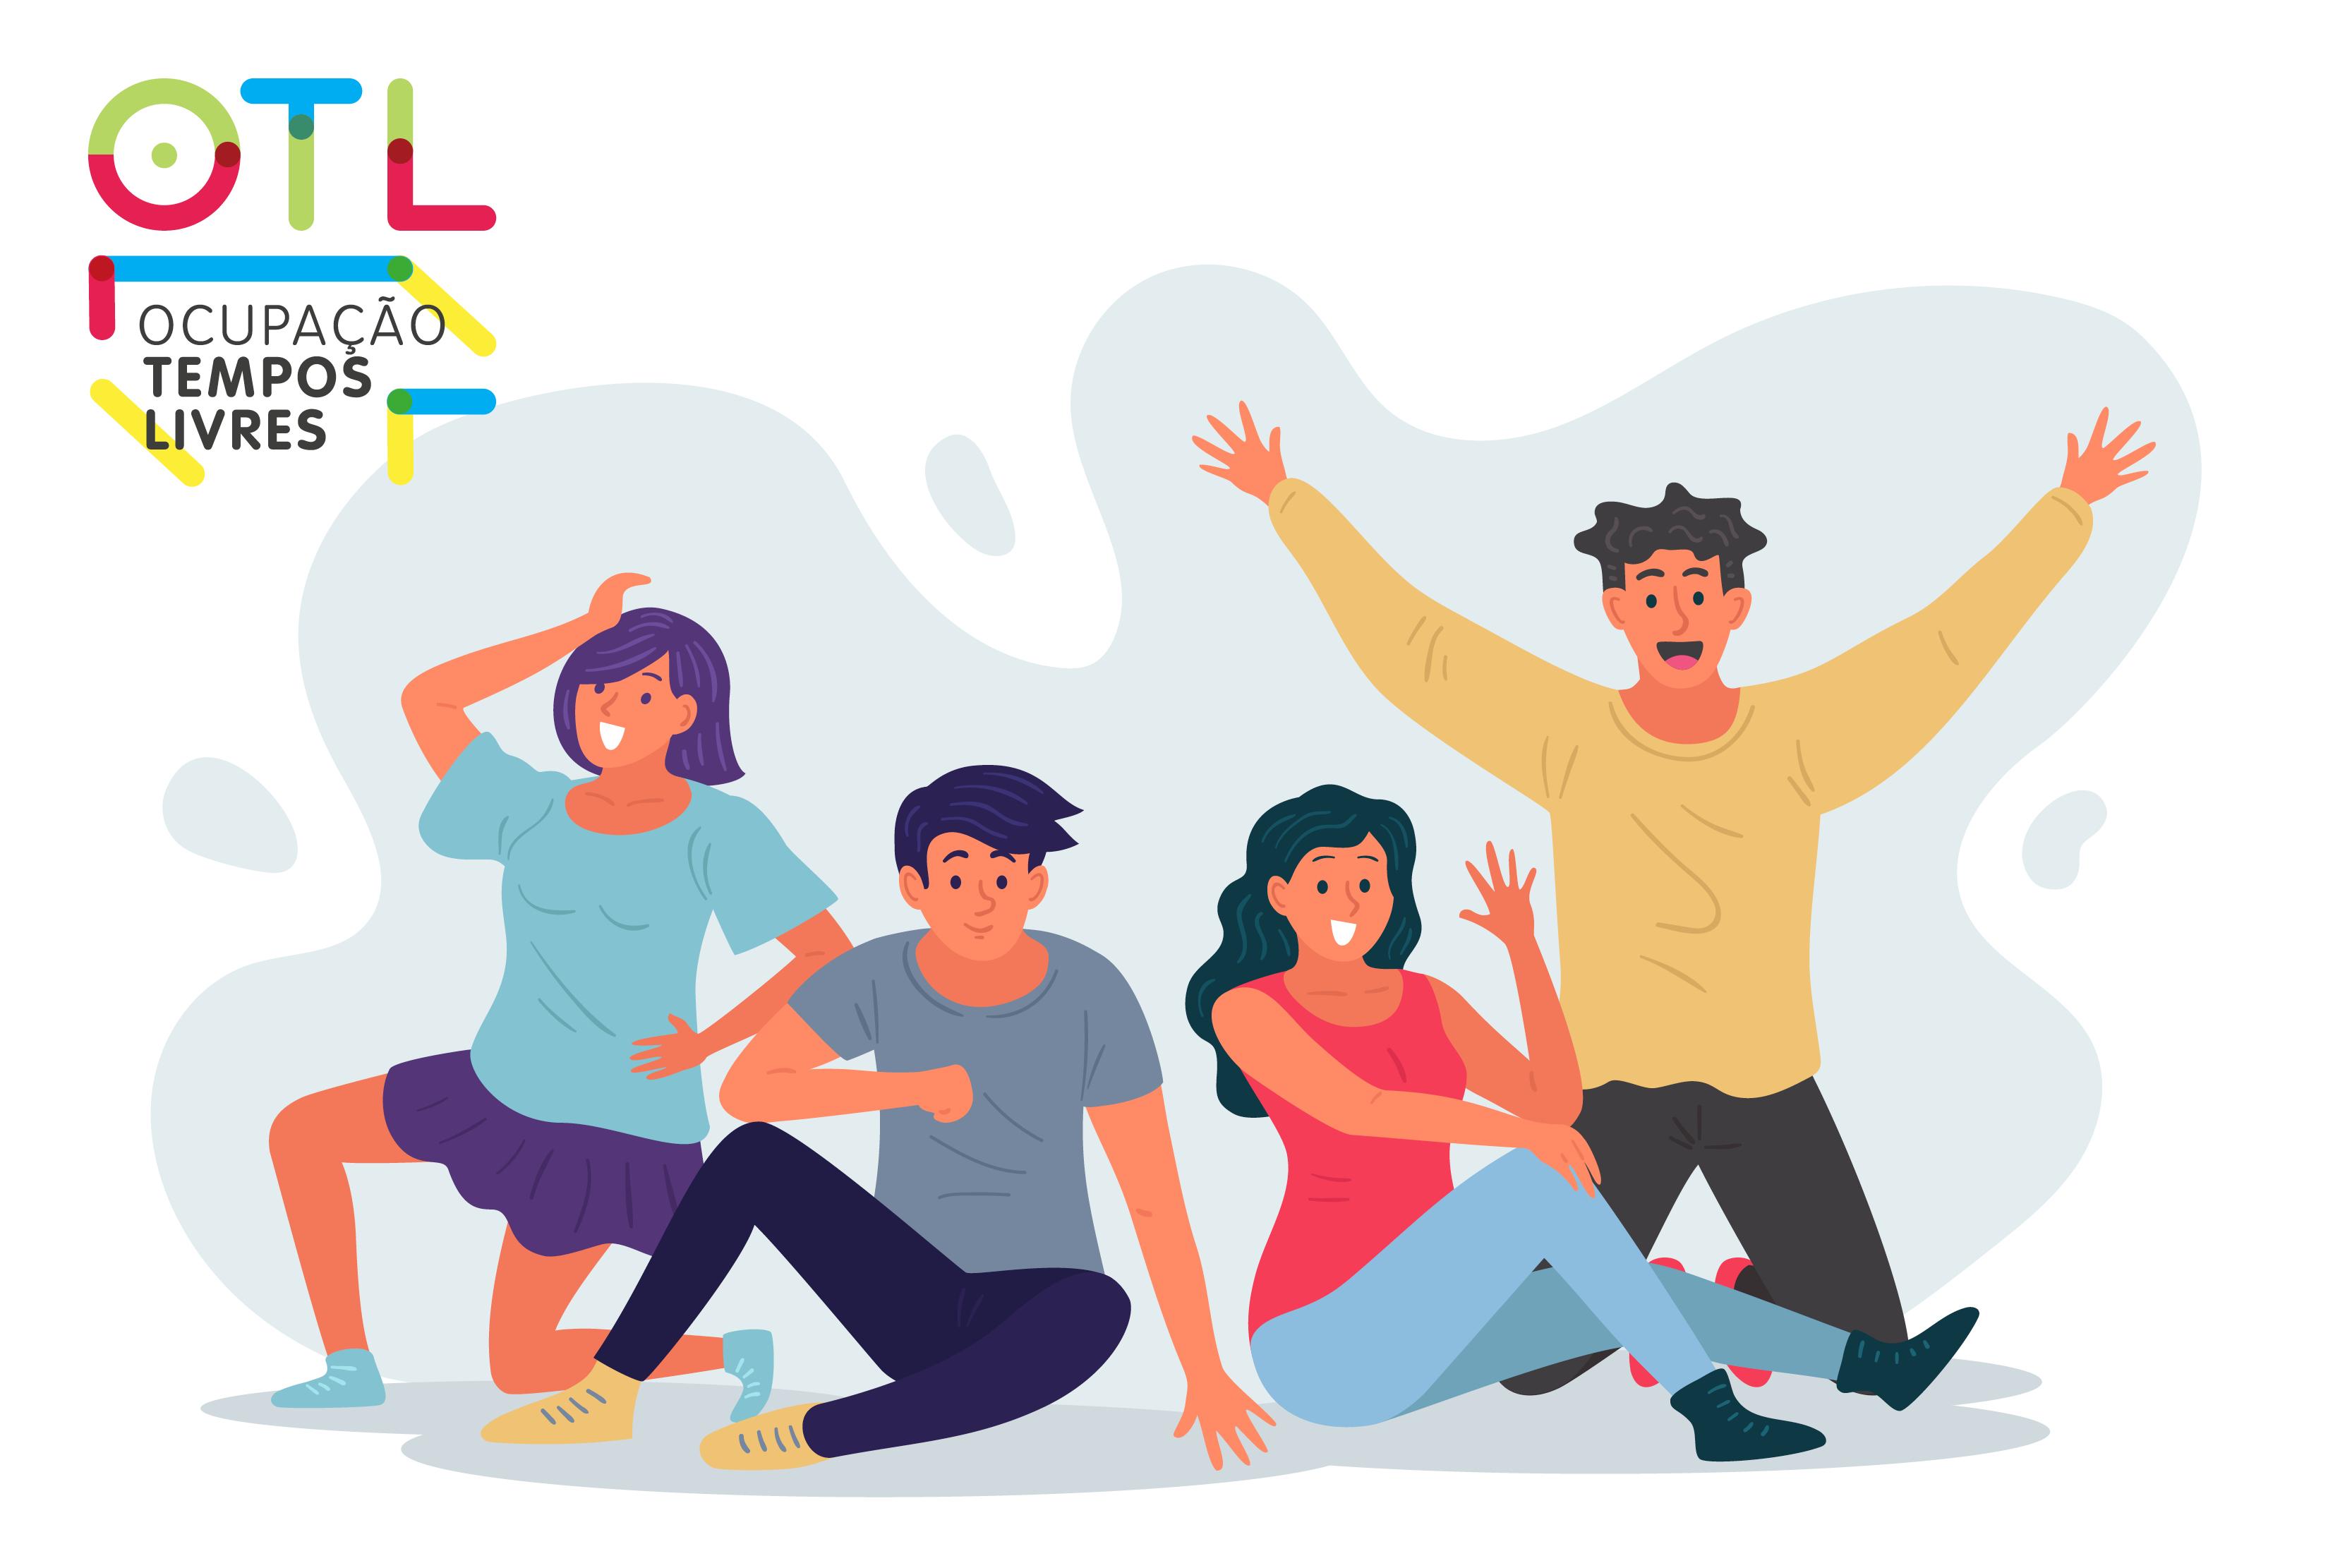 animação com quatro jovens com um ar feliz